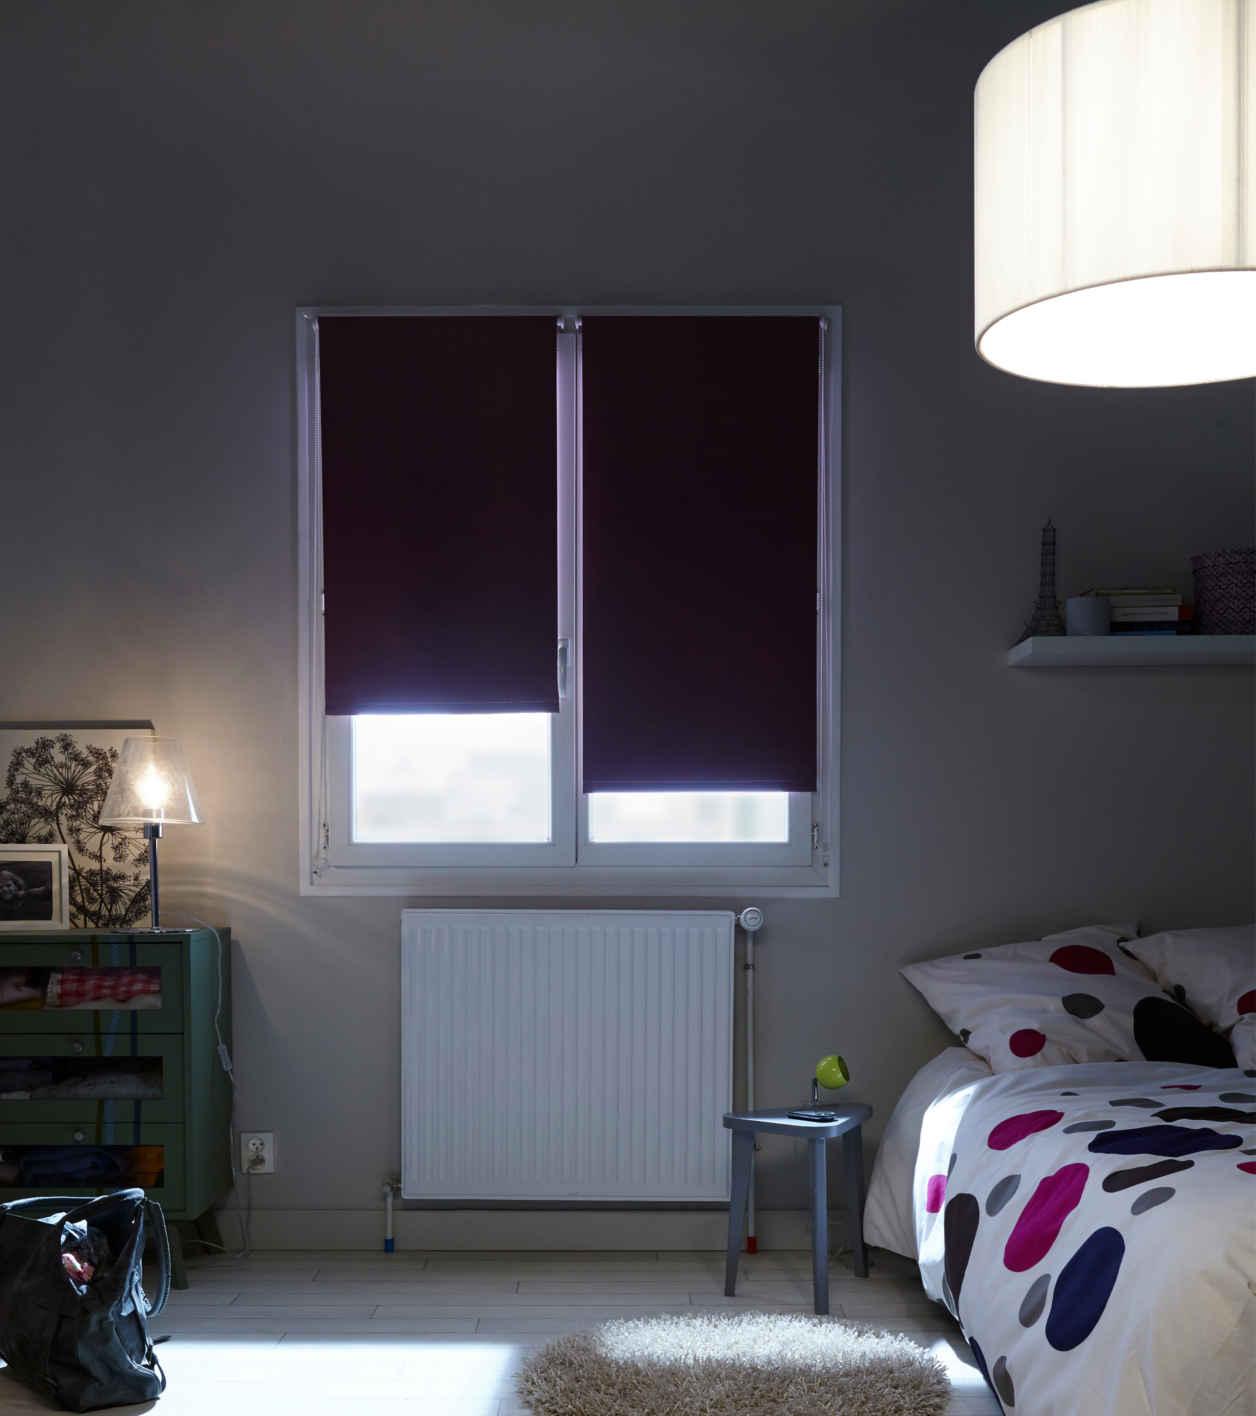 separer une piece en deux sans percer separer une piece en deux sans percer with separer une. Black Bedroom Furniture Sets. Home Design Ideas